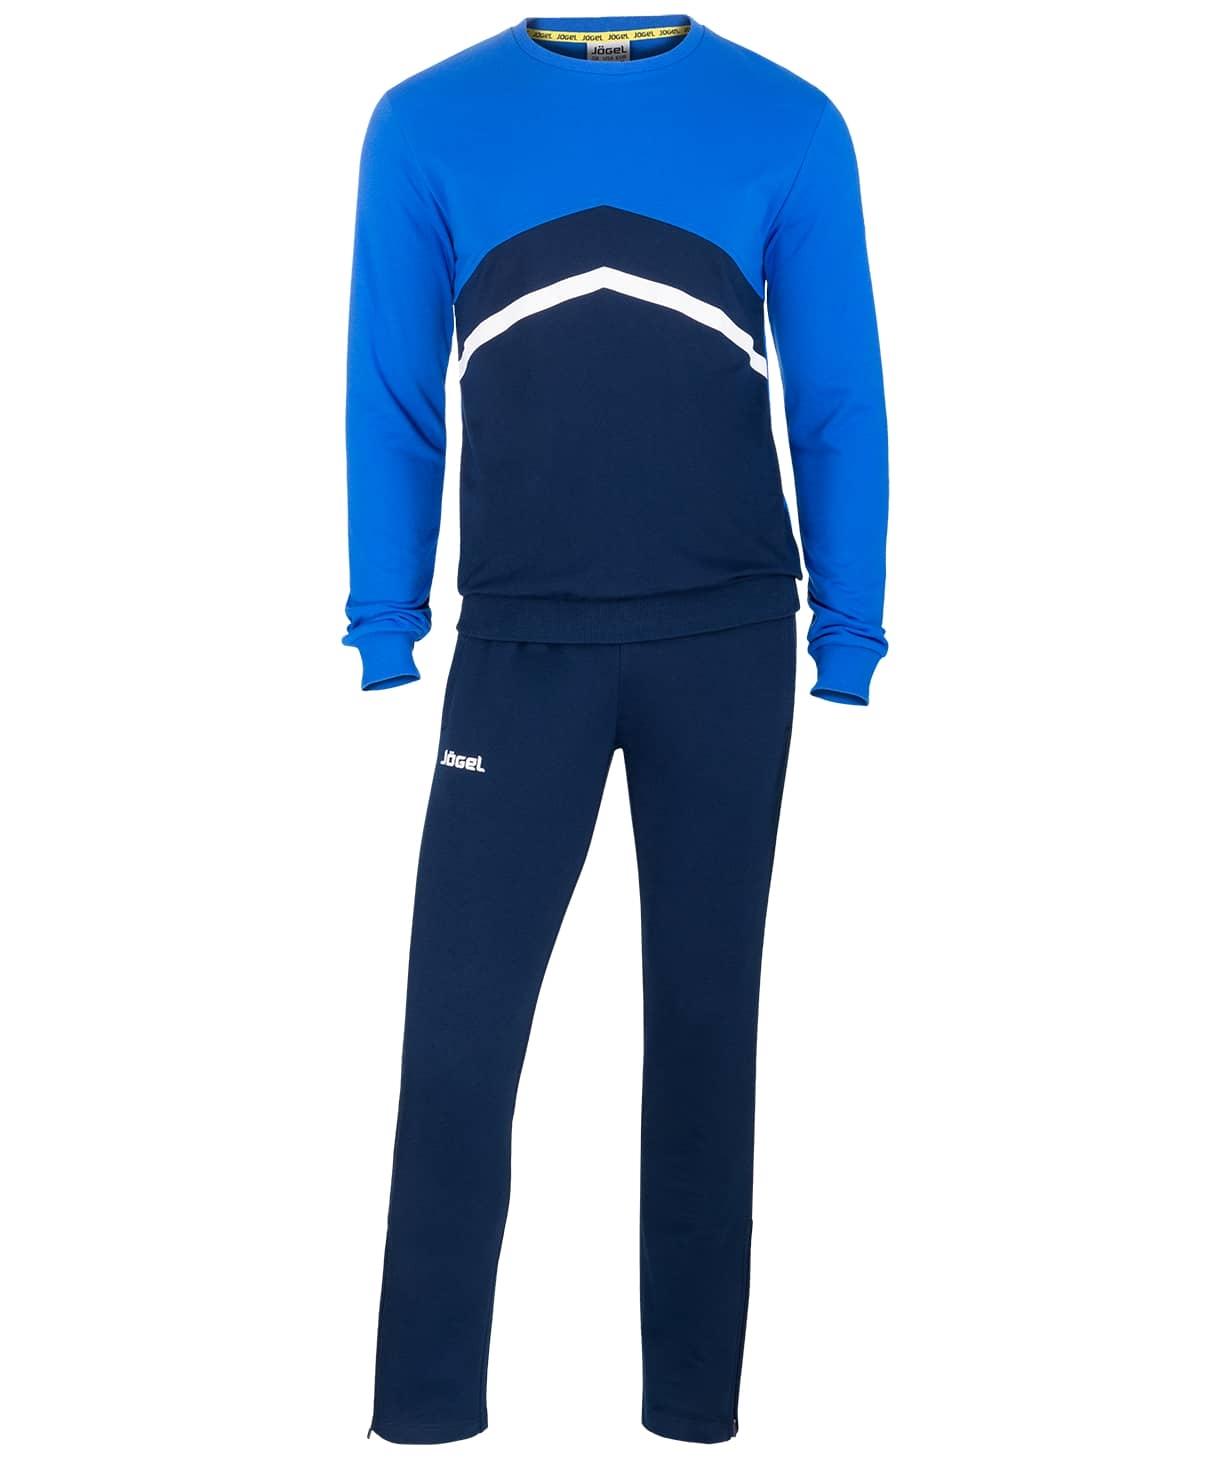 Тренировочный костюм JCS- 4201-971, хлопок, темно-синий/синий/белый